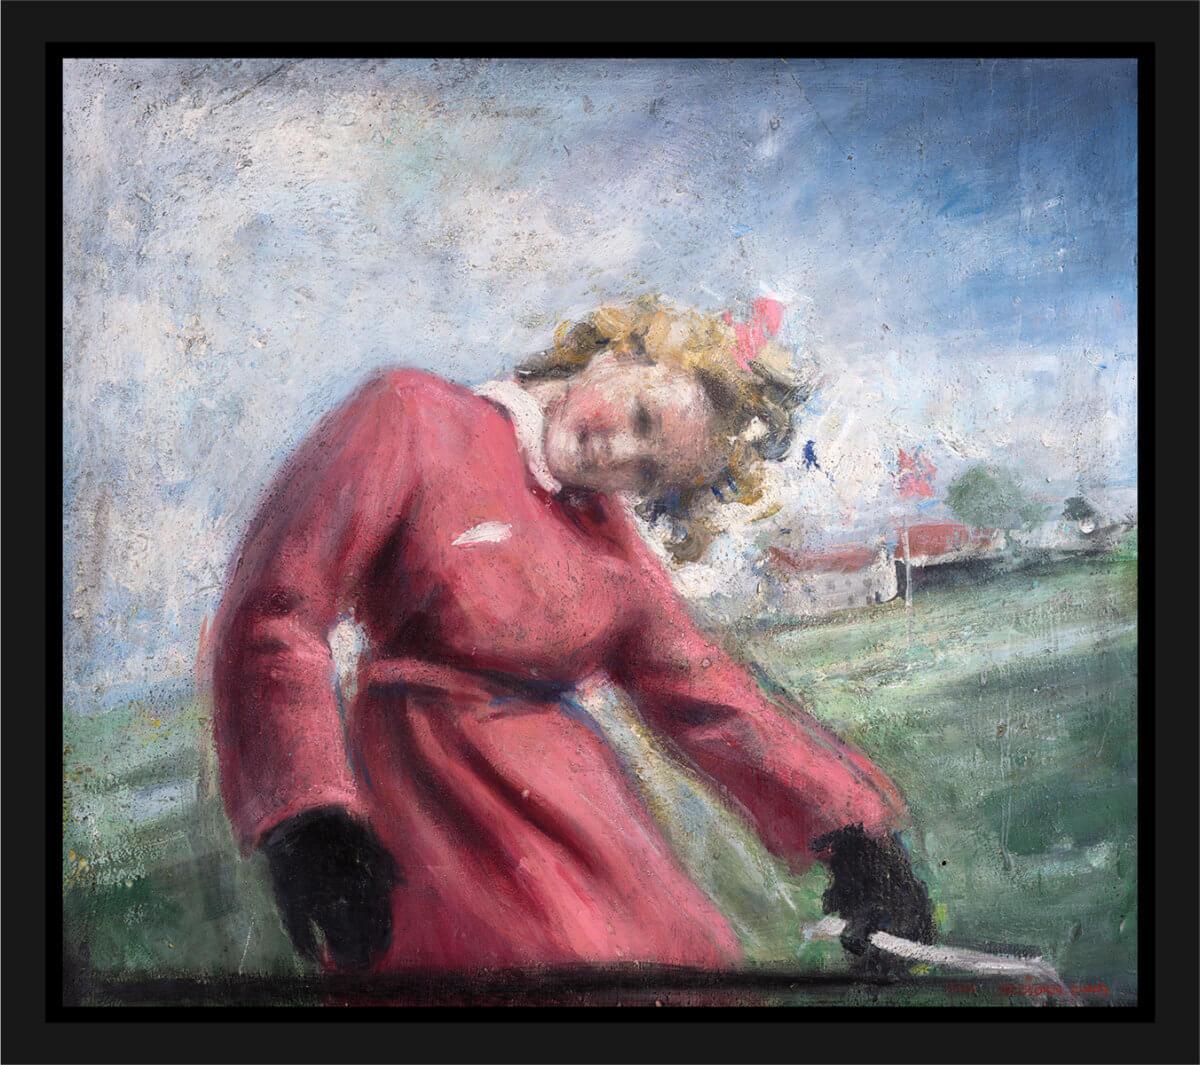 En kvinne i en rosa trenchcoat vipper hodet mot betrakteren. Akryl på plate, maleri av Vebjørn Sand.